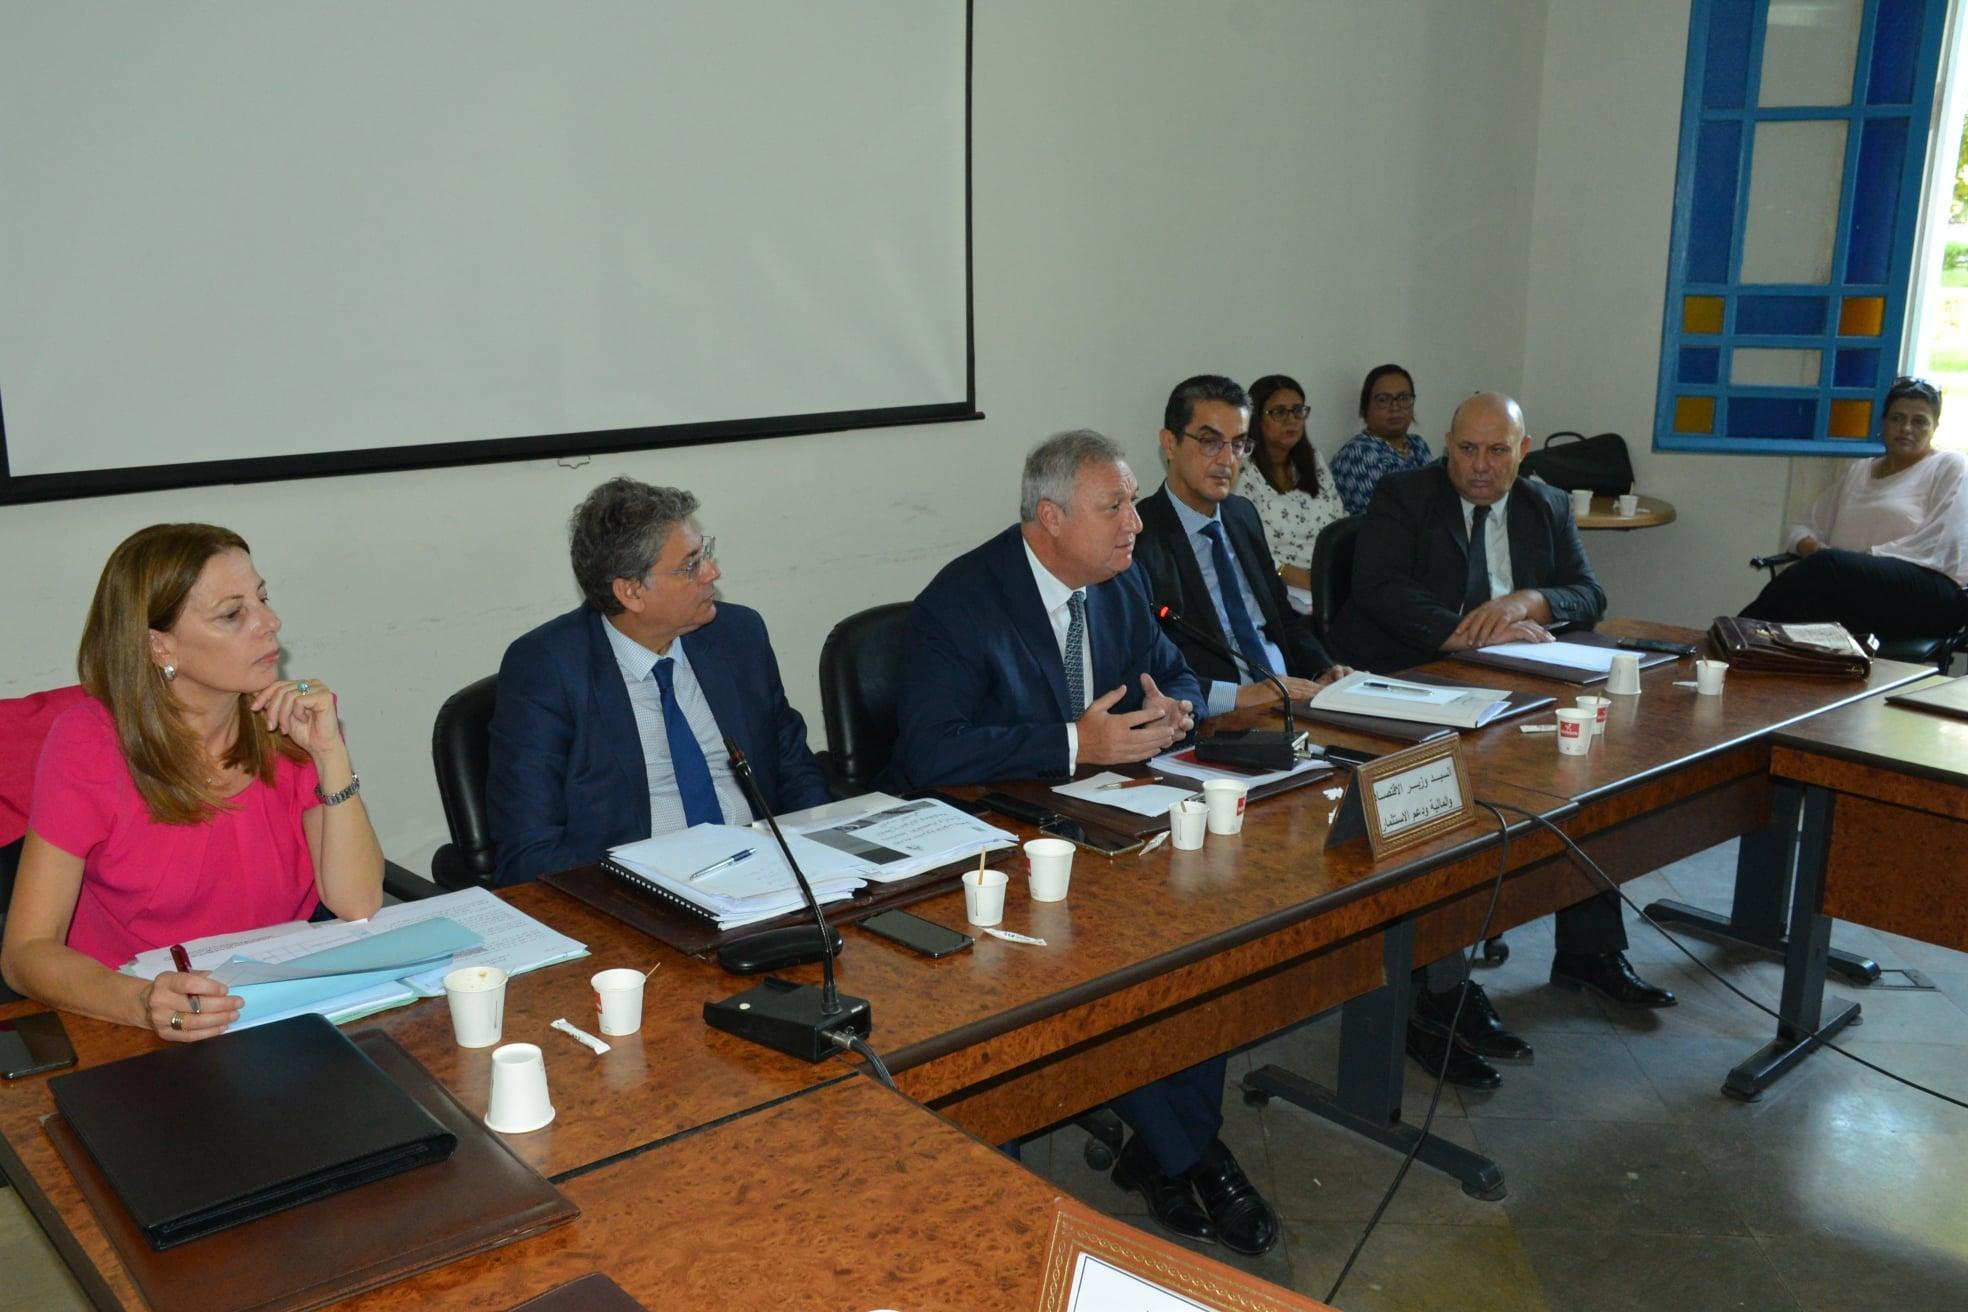 الكعلي: سنُركّز على تعزيز القدرة الشرائية للمواطن والقدرة التنافسية للشركات